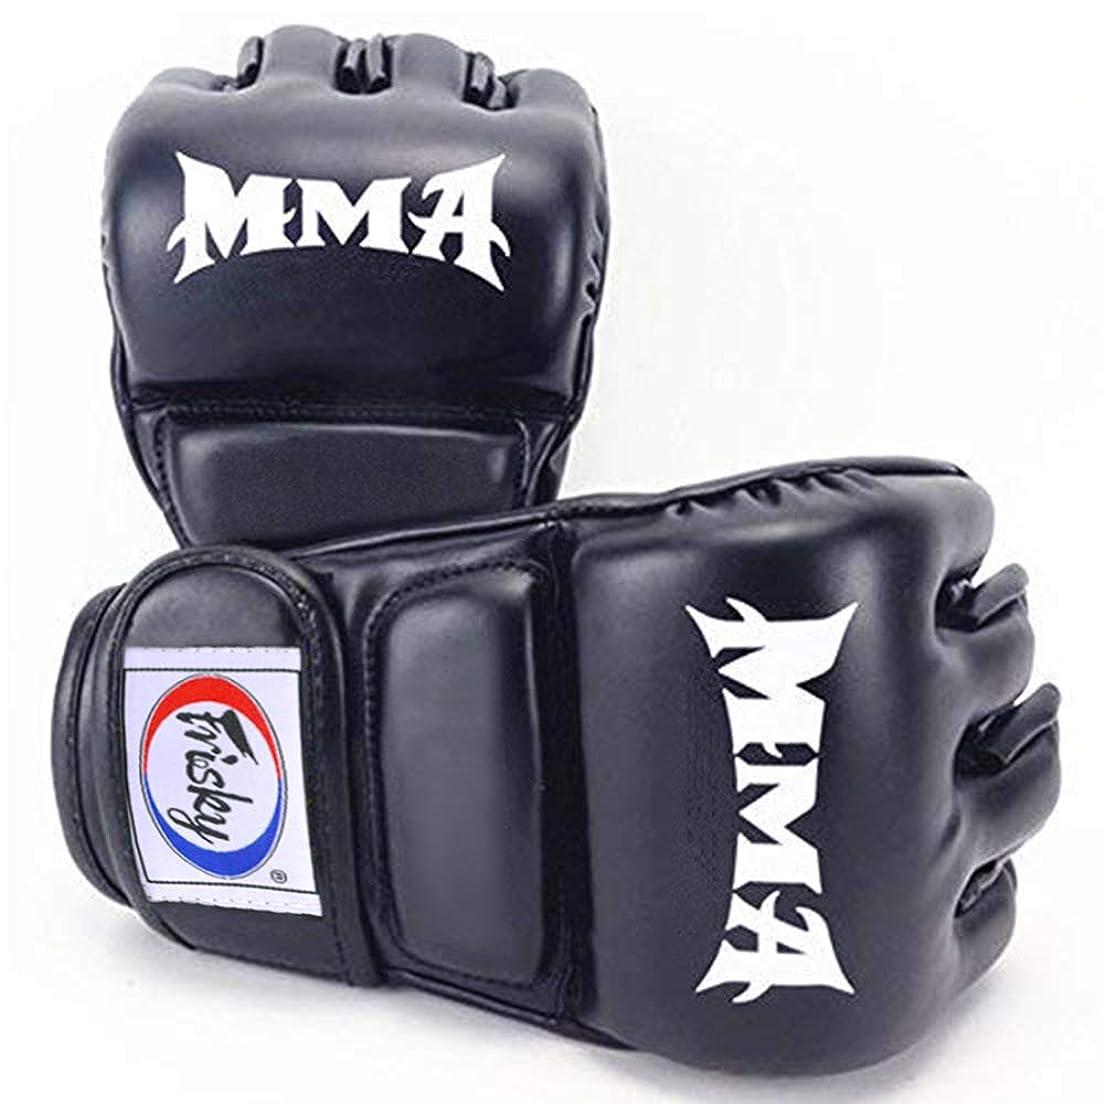 ステートメント限り指令LangRay ハーフフィンガー グローブ 手袋 MMA 総合格闘技 ボクシング ムエタイ 空手 テコンドーなど トレーリング用 メ ンズ レディース レザー